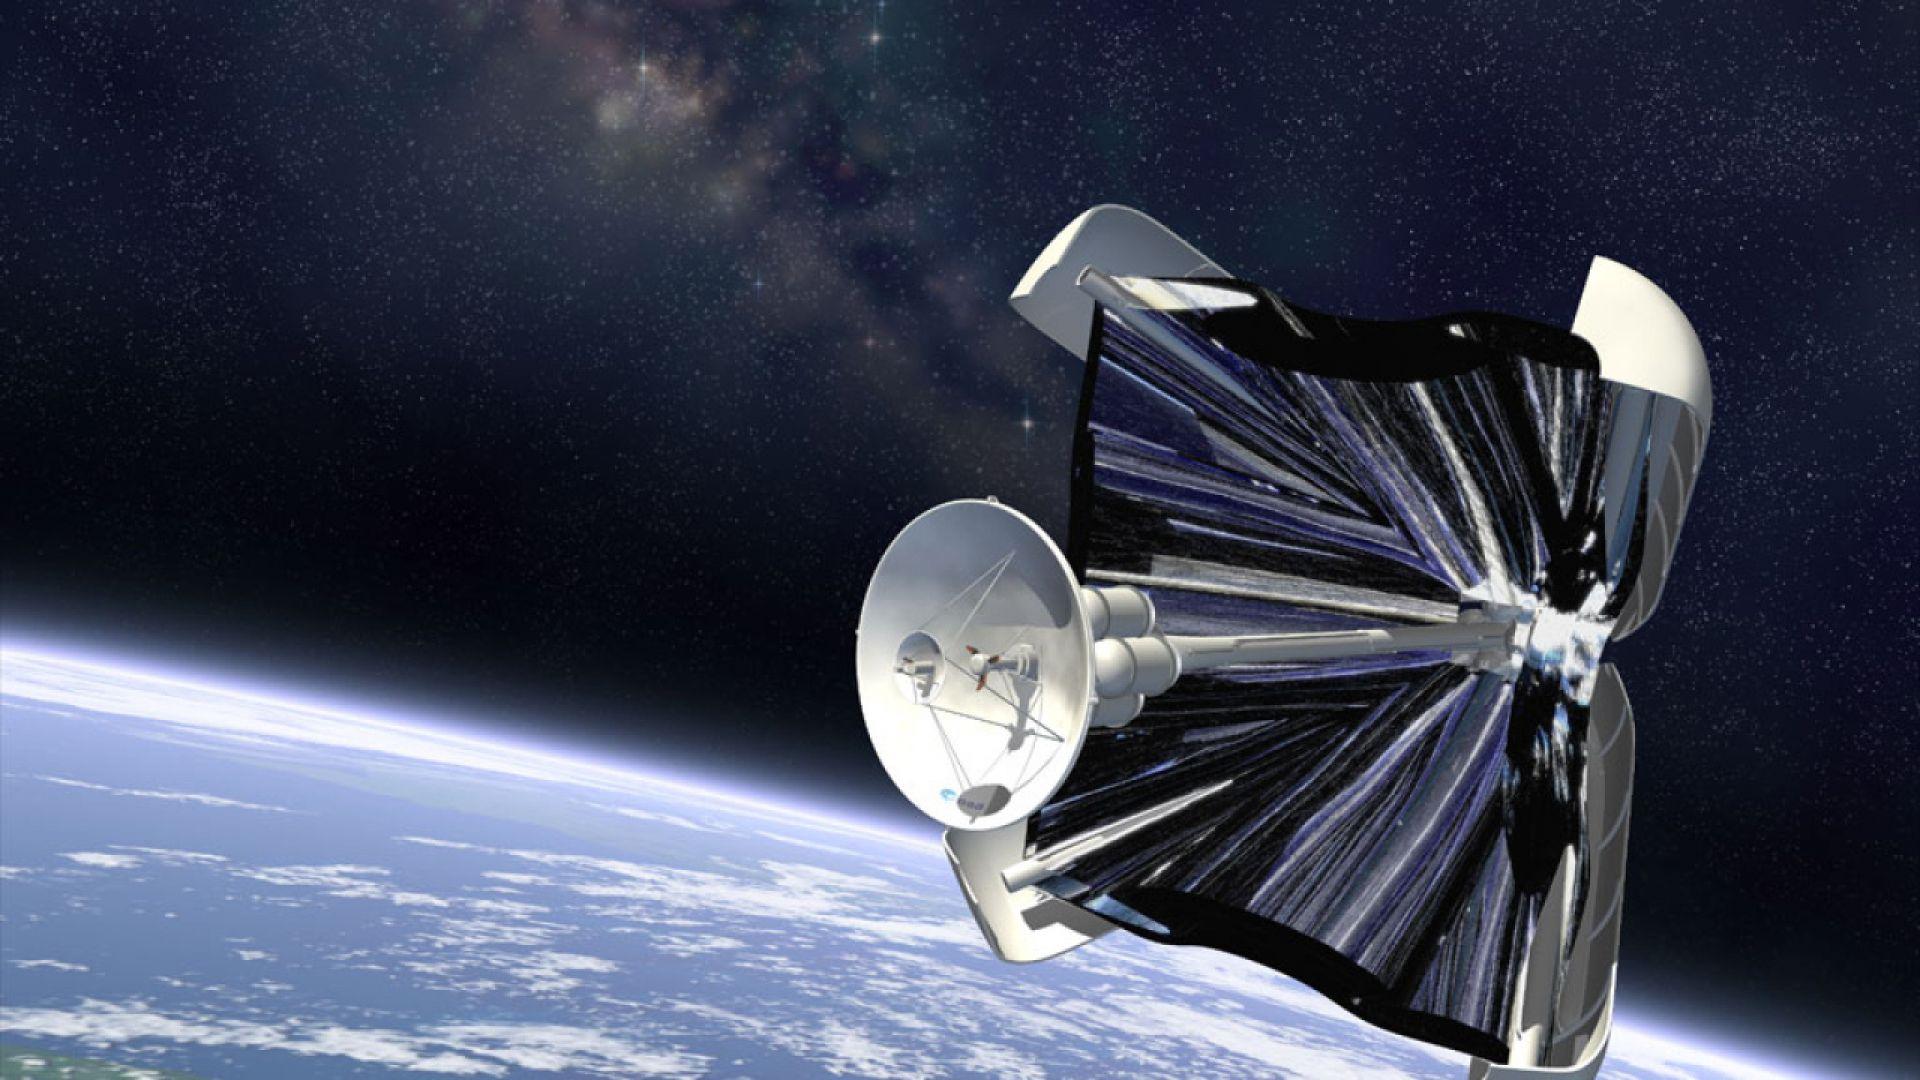 Космическое путешествие под солнечным парусом